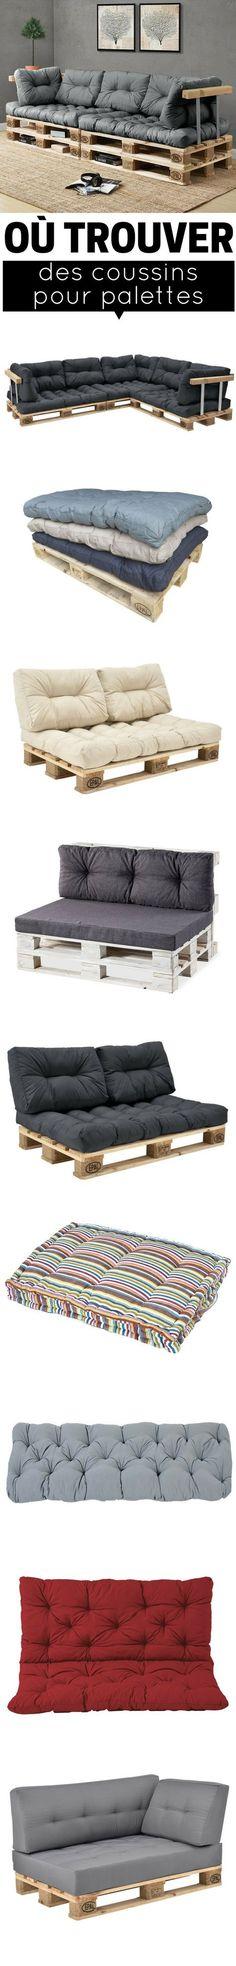 Coussin pour palette o trouver des coussins pour meubles en palette deco pinterest - Trouver des meubles de salon pour vous ...